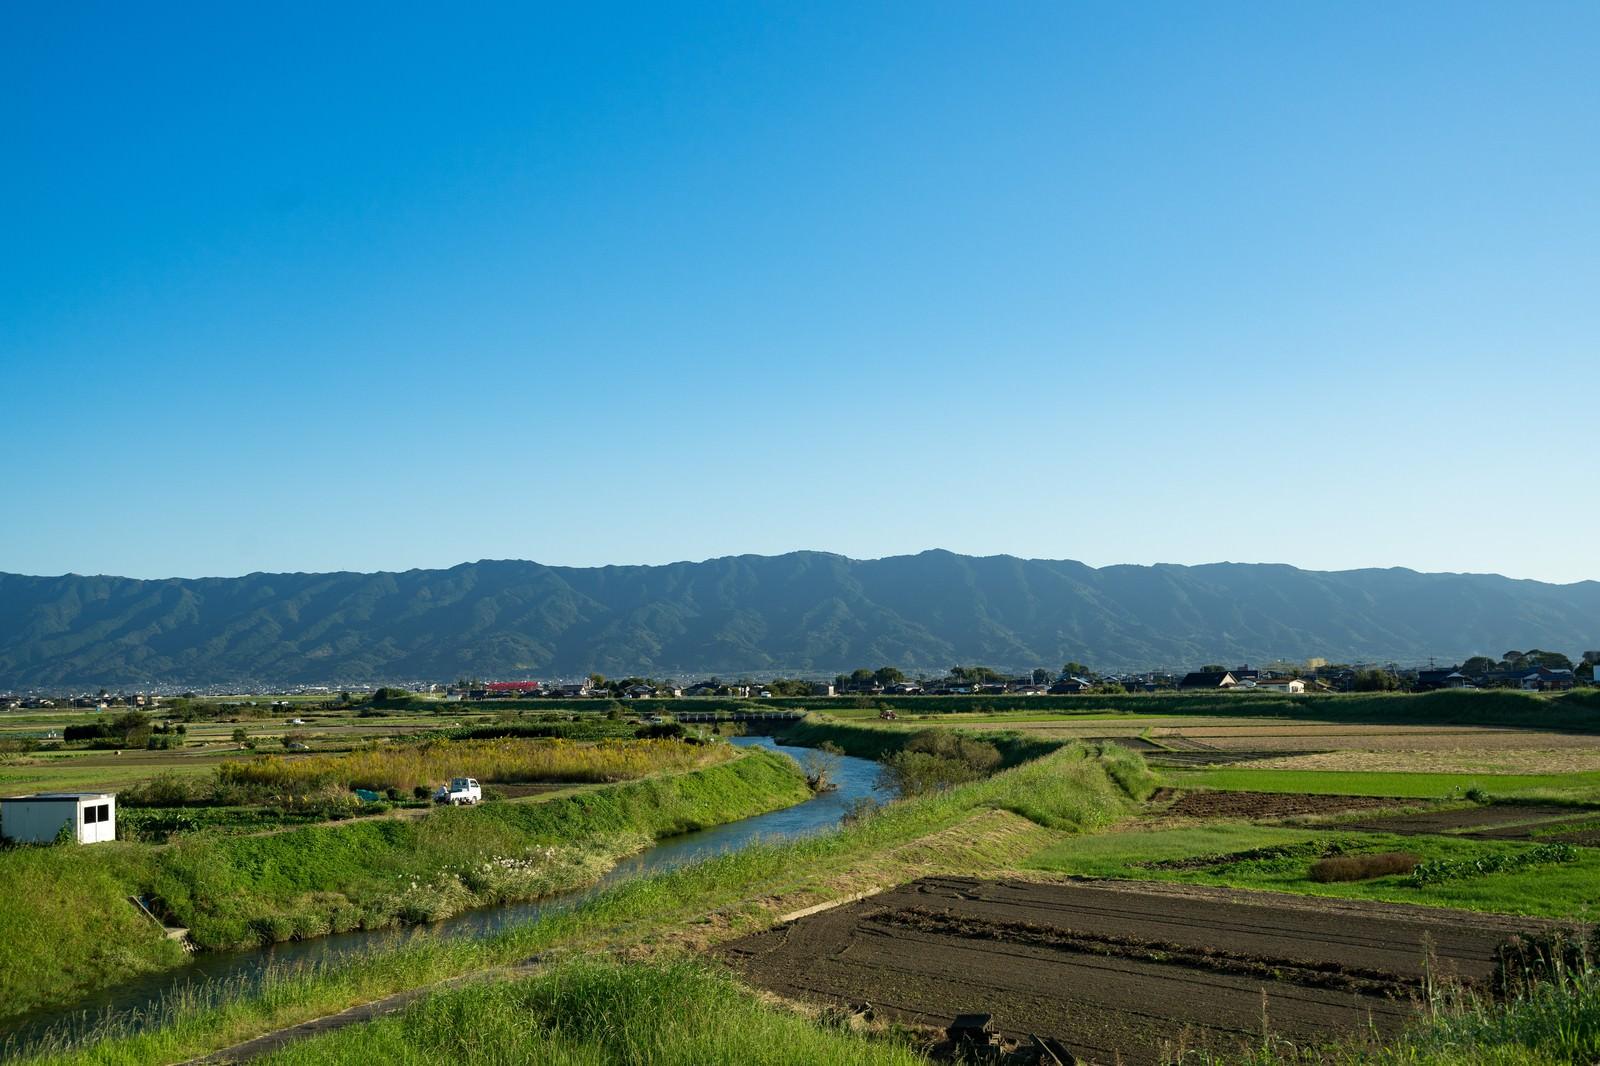 「青空、山、農地のほどよいバランス(福岡県大刀洗)青空、山、農地のほどよいバランス(福岡県大刀洗)」のフリー写真素材